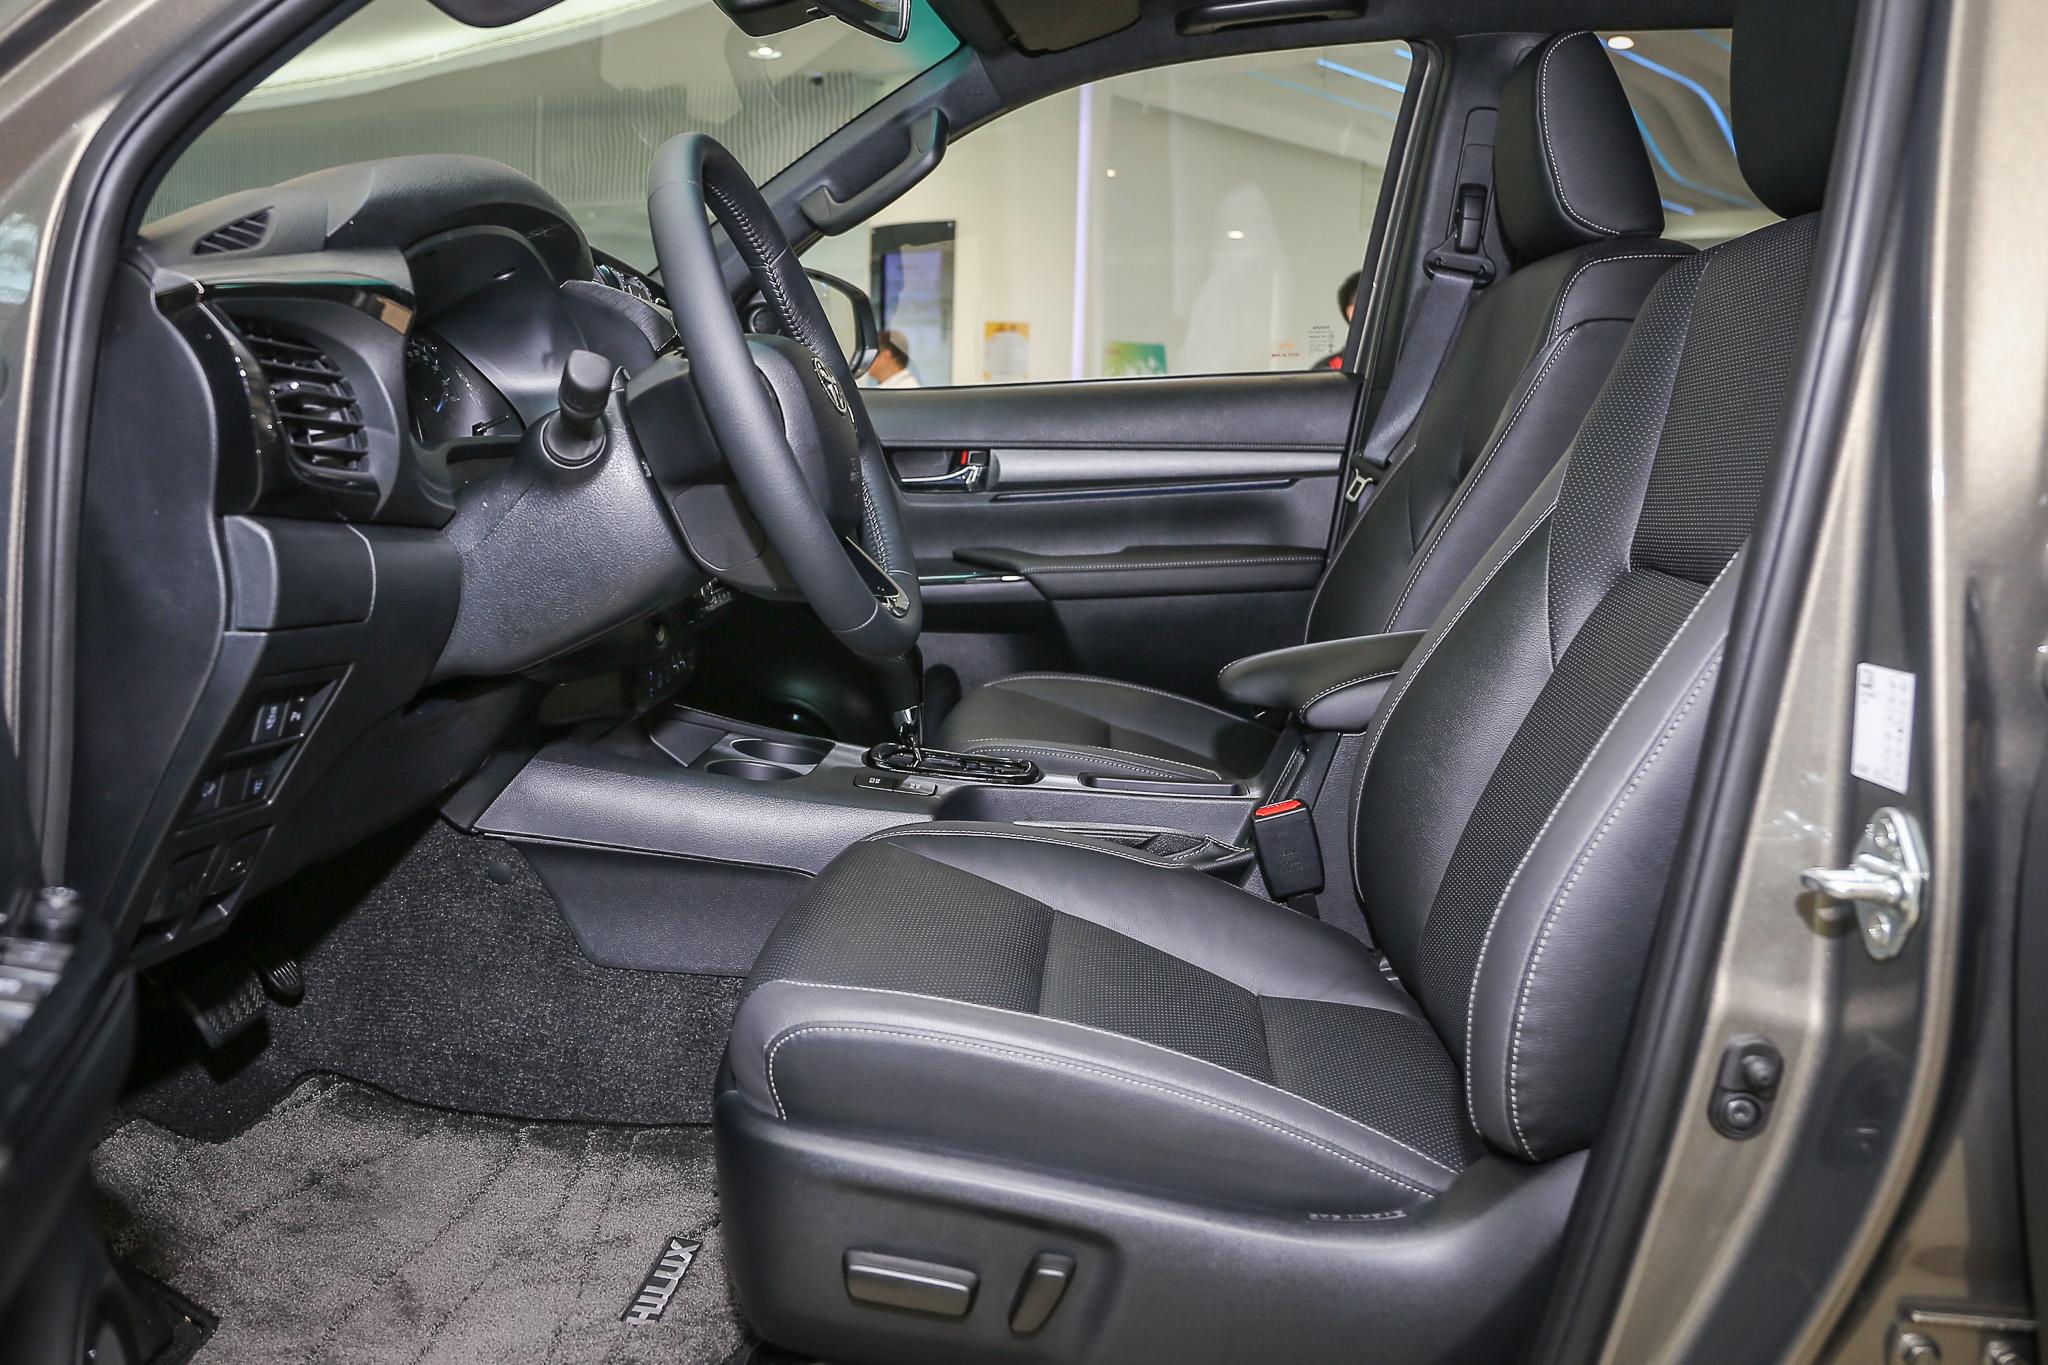 座椅改用黑灰雙色設計,更新增雙前座通風座椅。